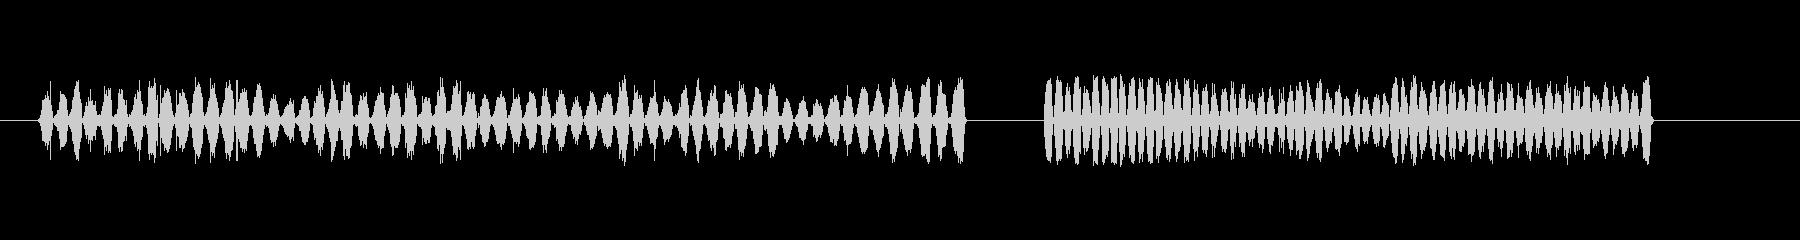 ガラス紙5の未再生の波形